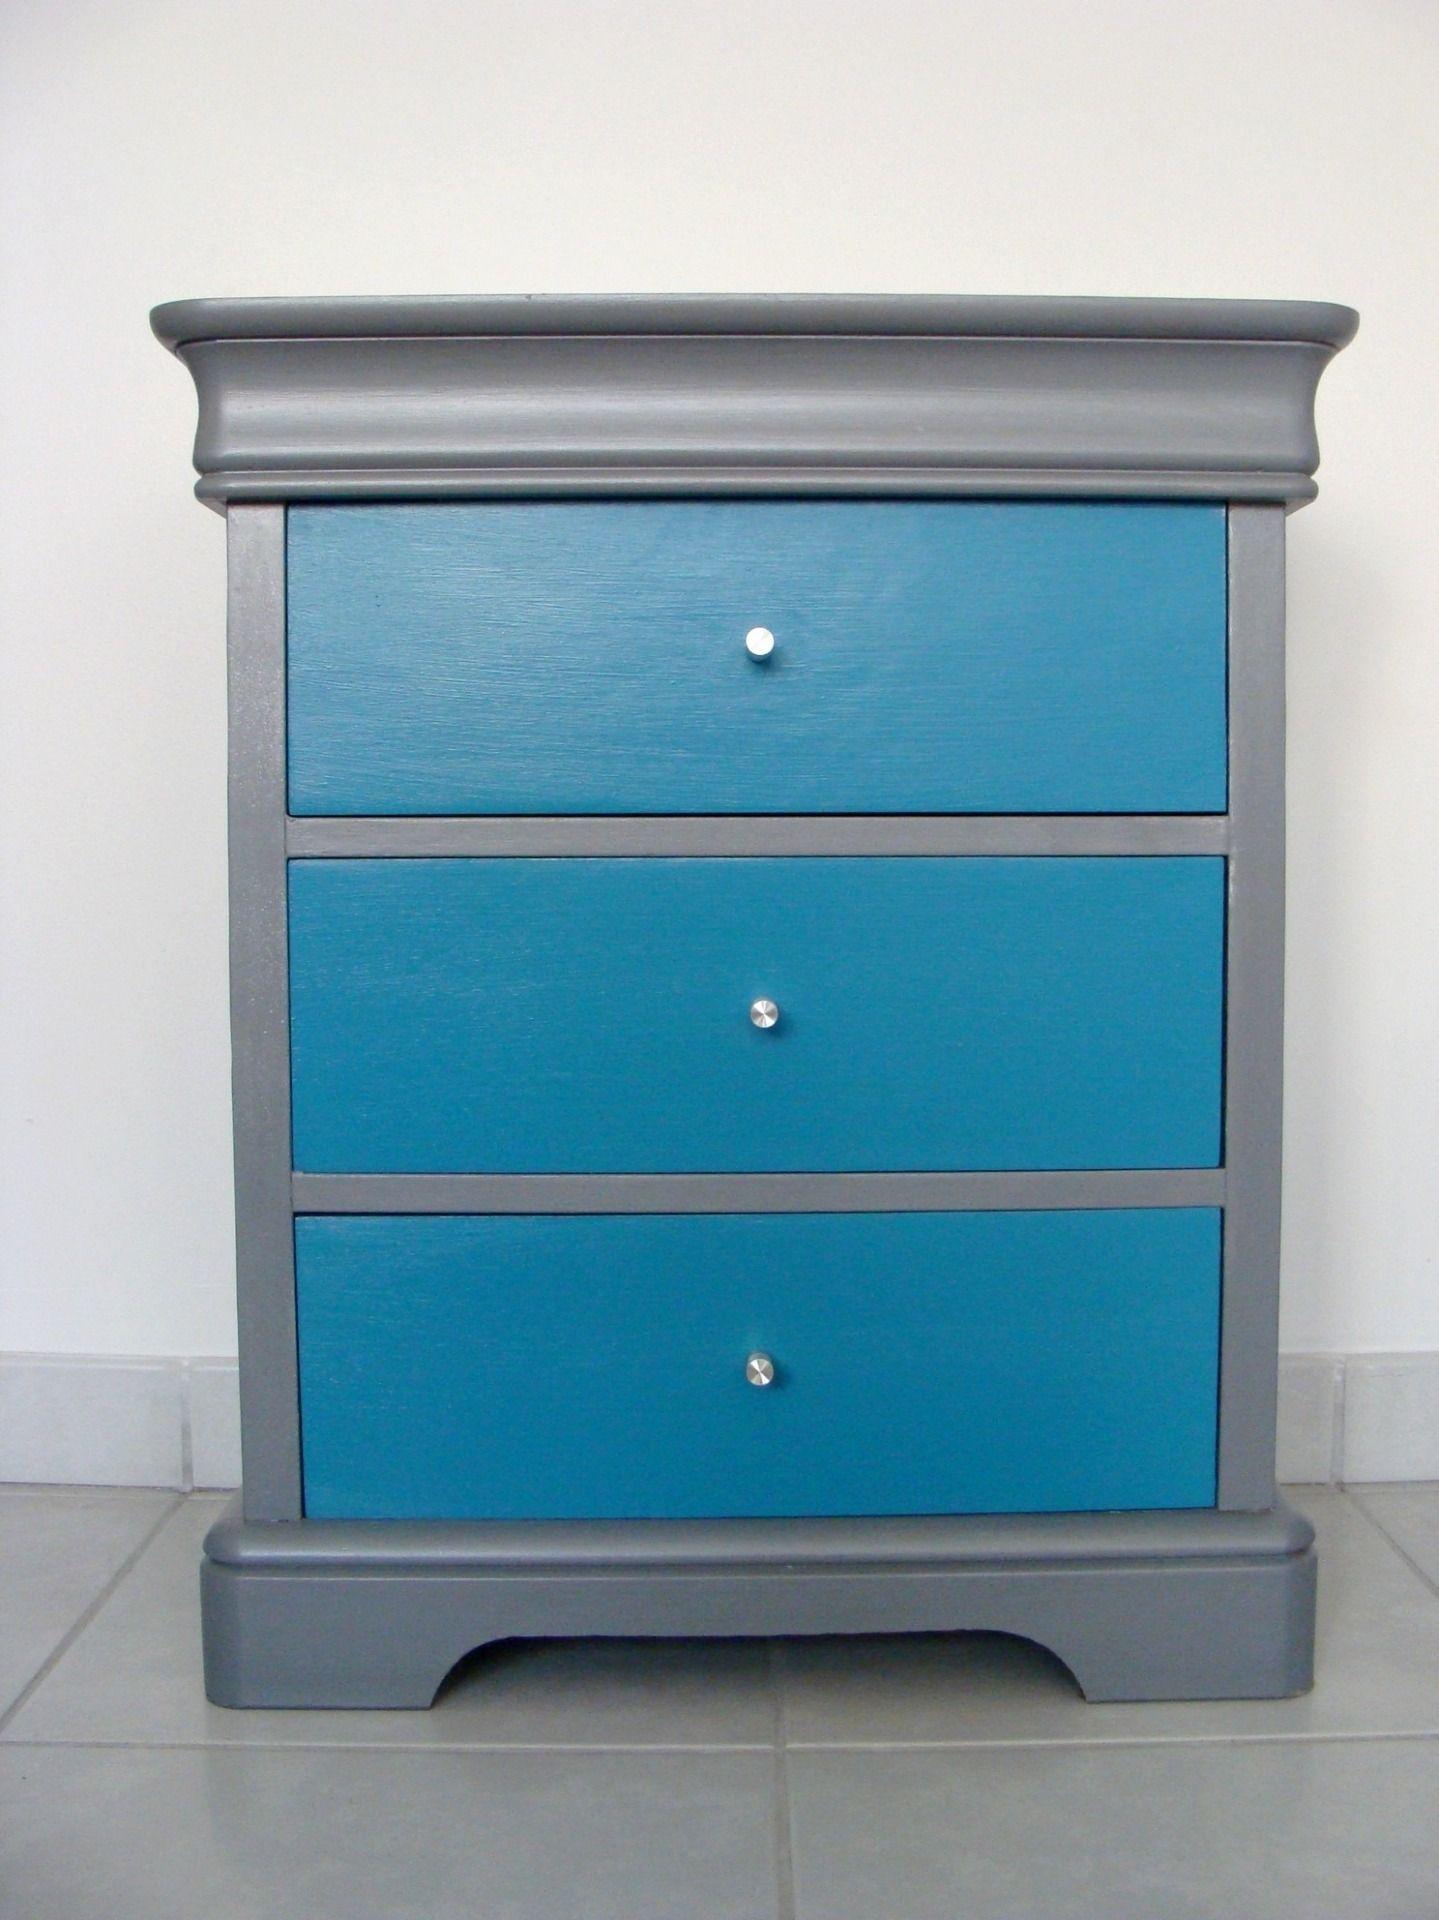 meuble chevet commode en merisier bleu turquoise gris meubles et rangements par chez v renise. Black Bedroom Furniture Sets. Home Design Ideas